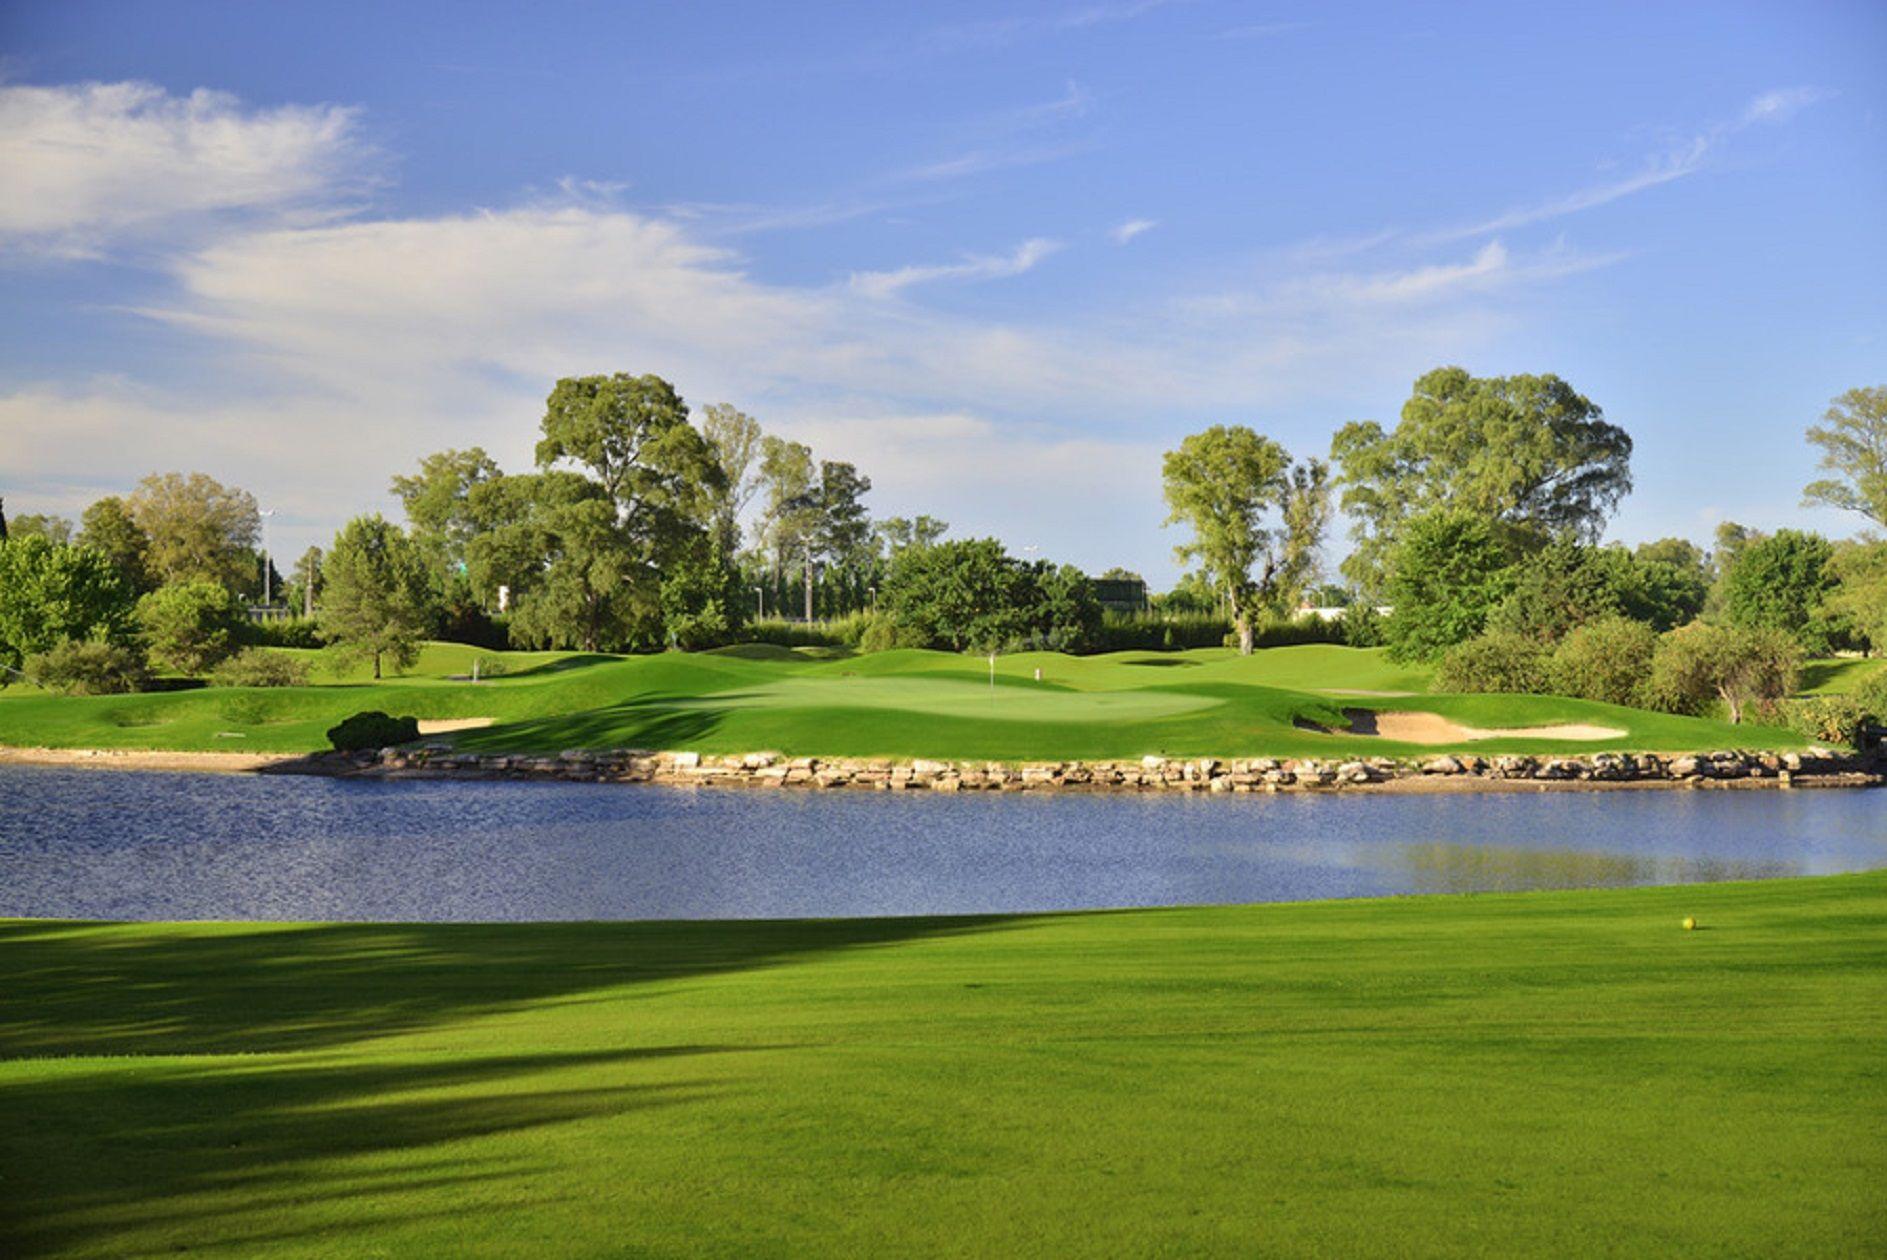 Misterio en un club de golf en Pilar: encontraron muerto a un joven dentro de una laguna